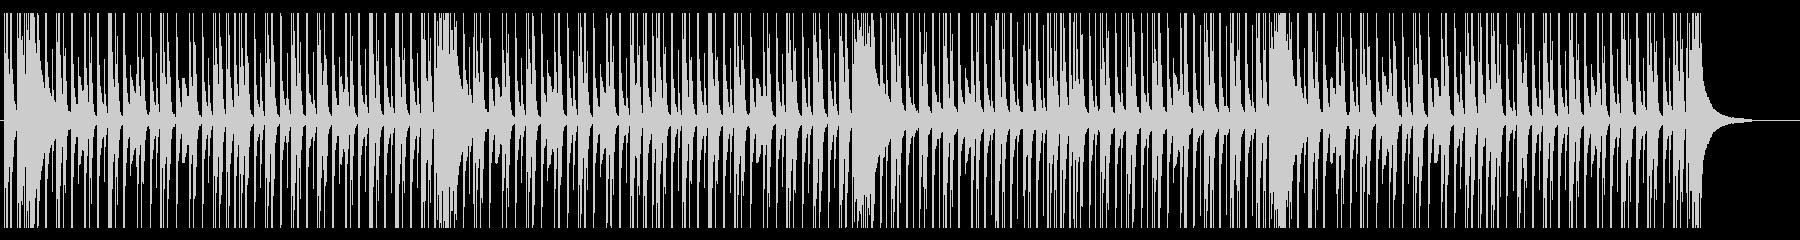 ジャジーでこじゃれたソロドラムの未再生の波形